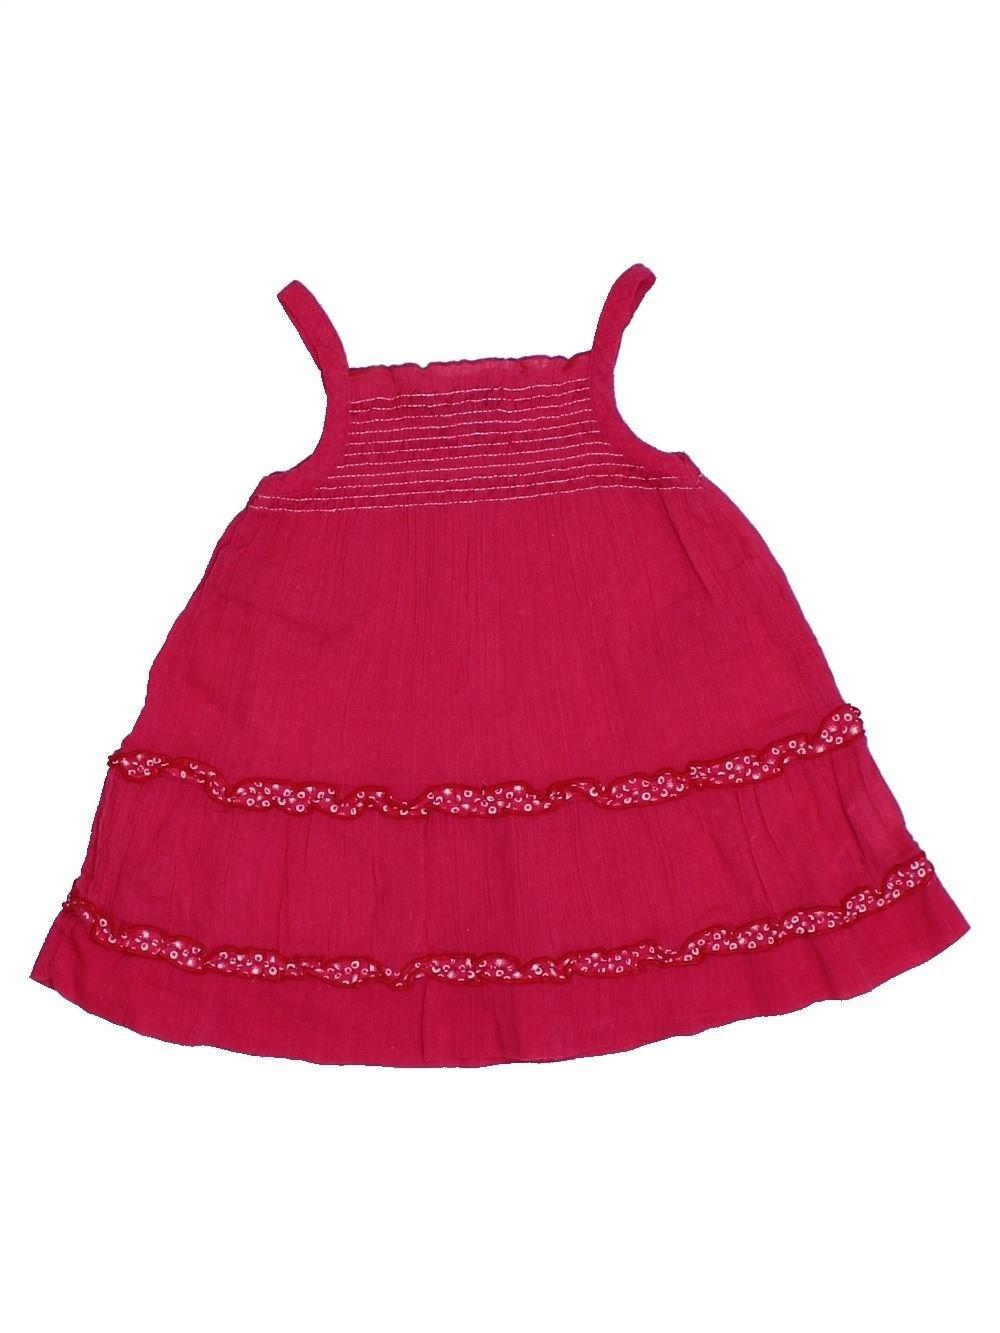 77a8b4f7169df Robe rouge SERGENT MAJOR du 3 mois pour Fille - 1326079